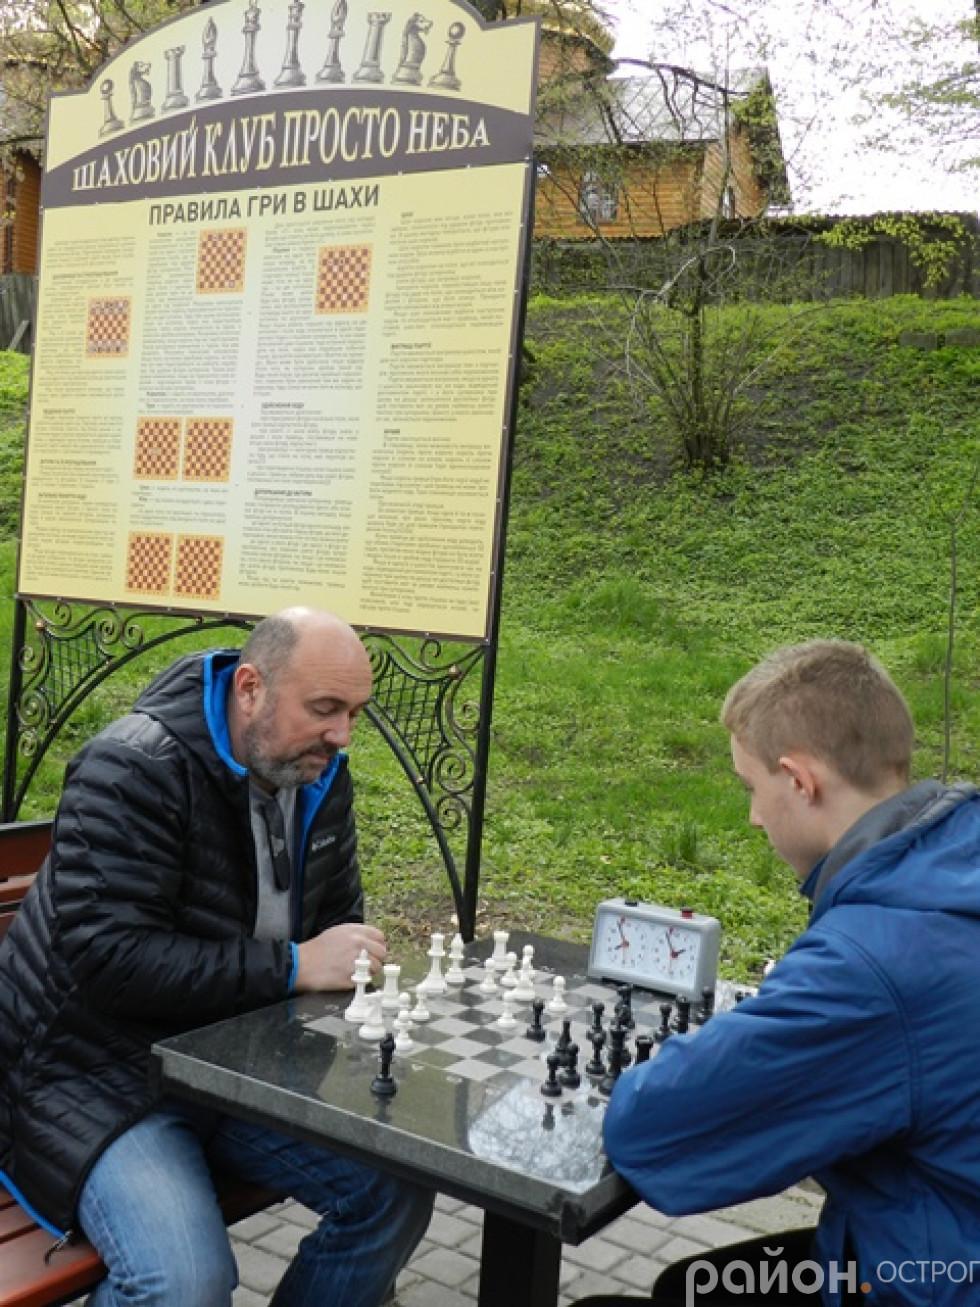 Відкрито шаховий клуб просто неба